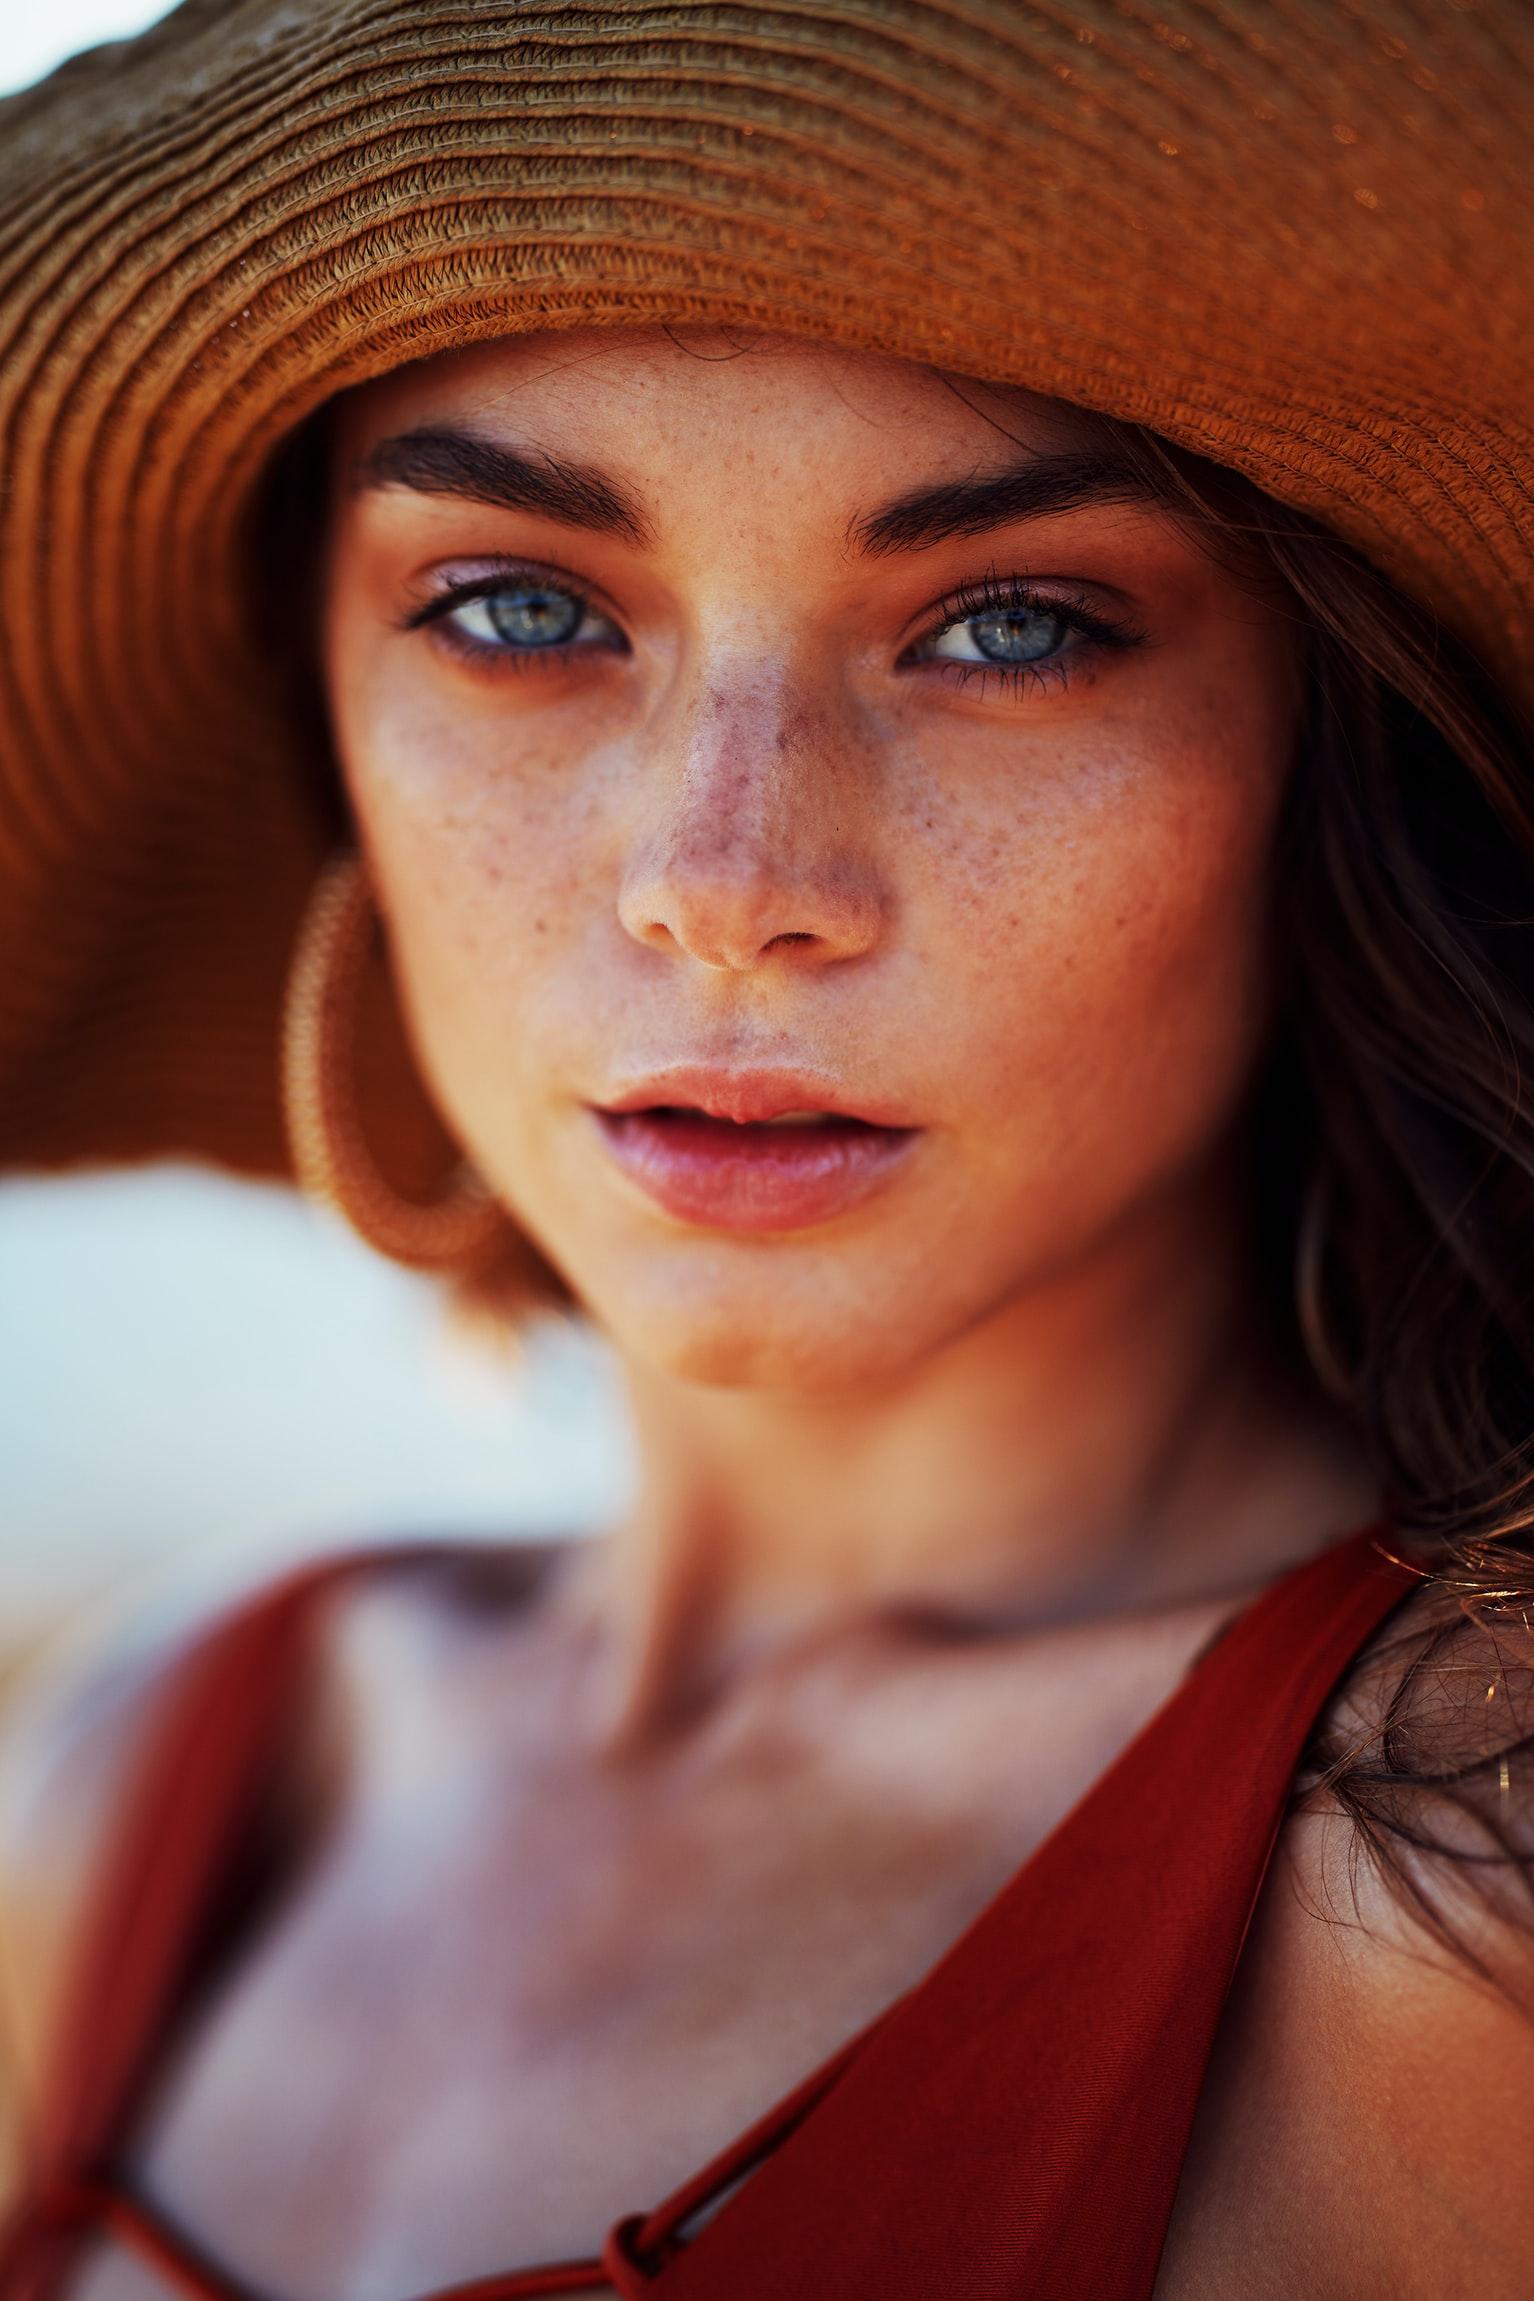 Уход за кожей и макияж в отпуске: практические советы-Фото 2